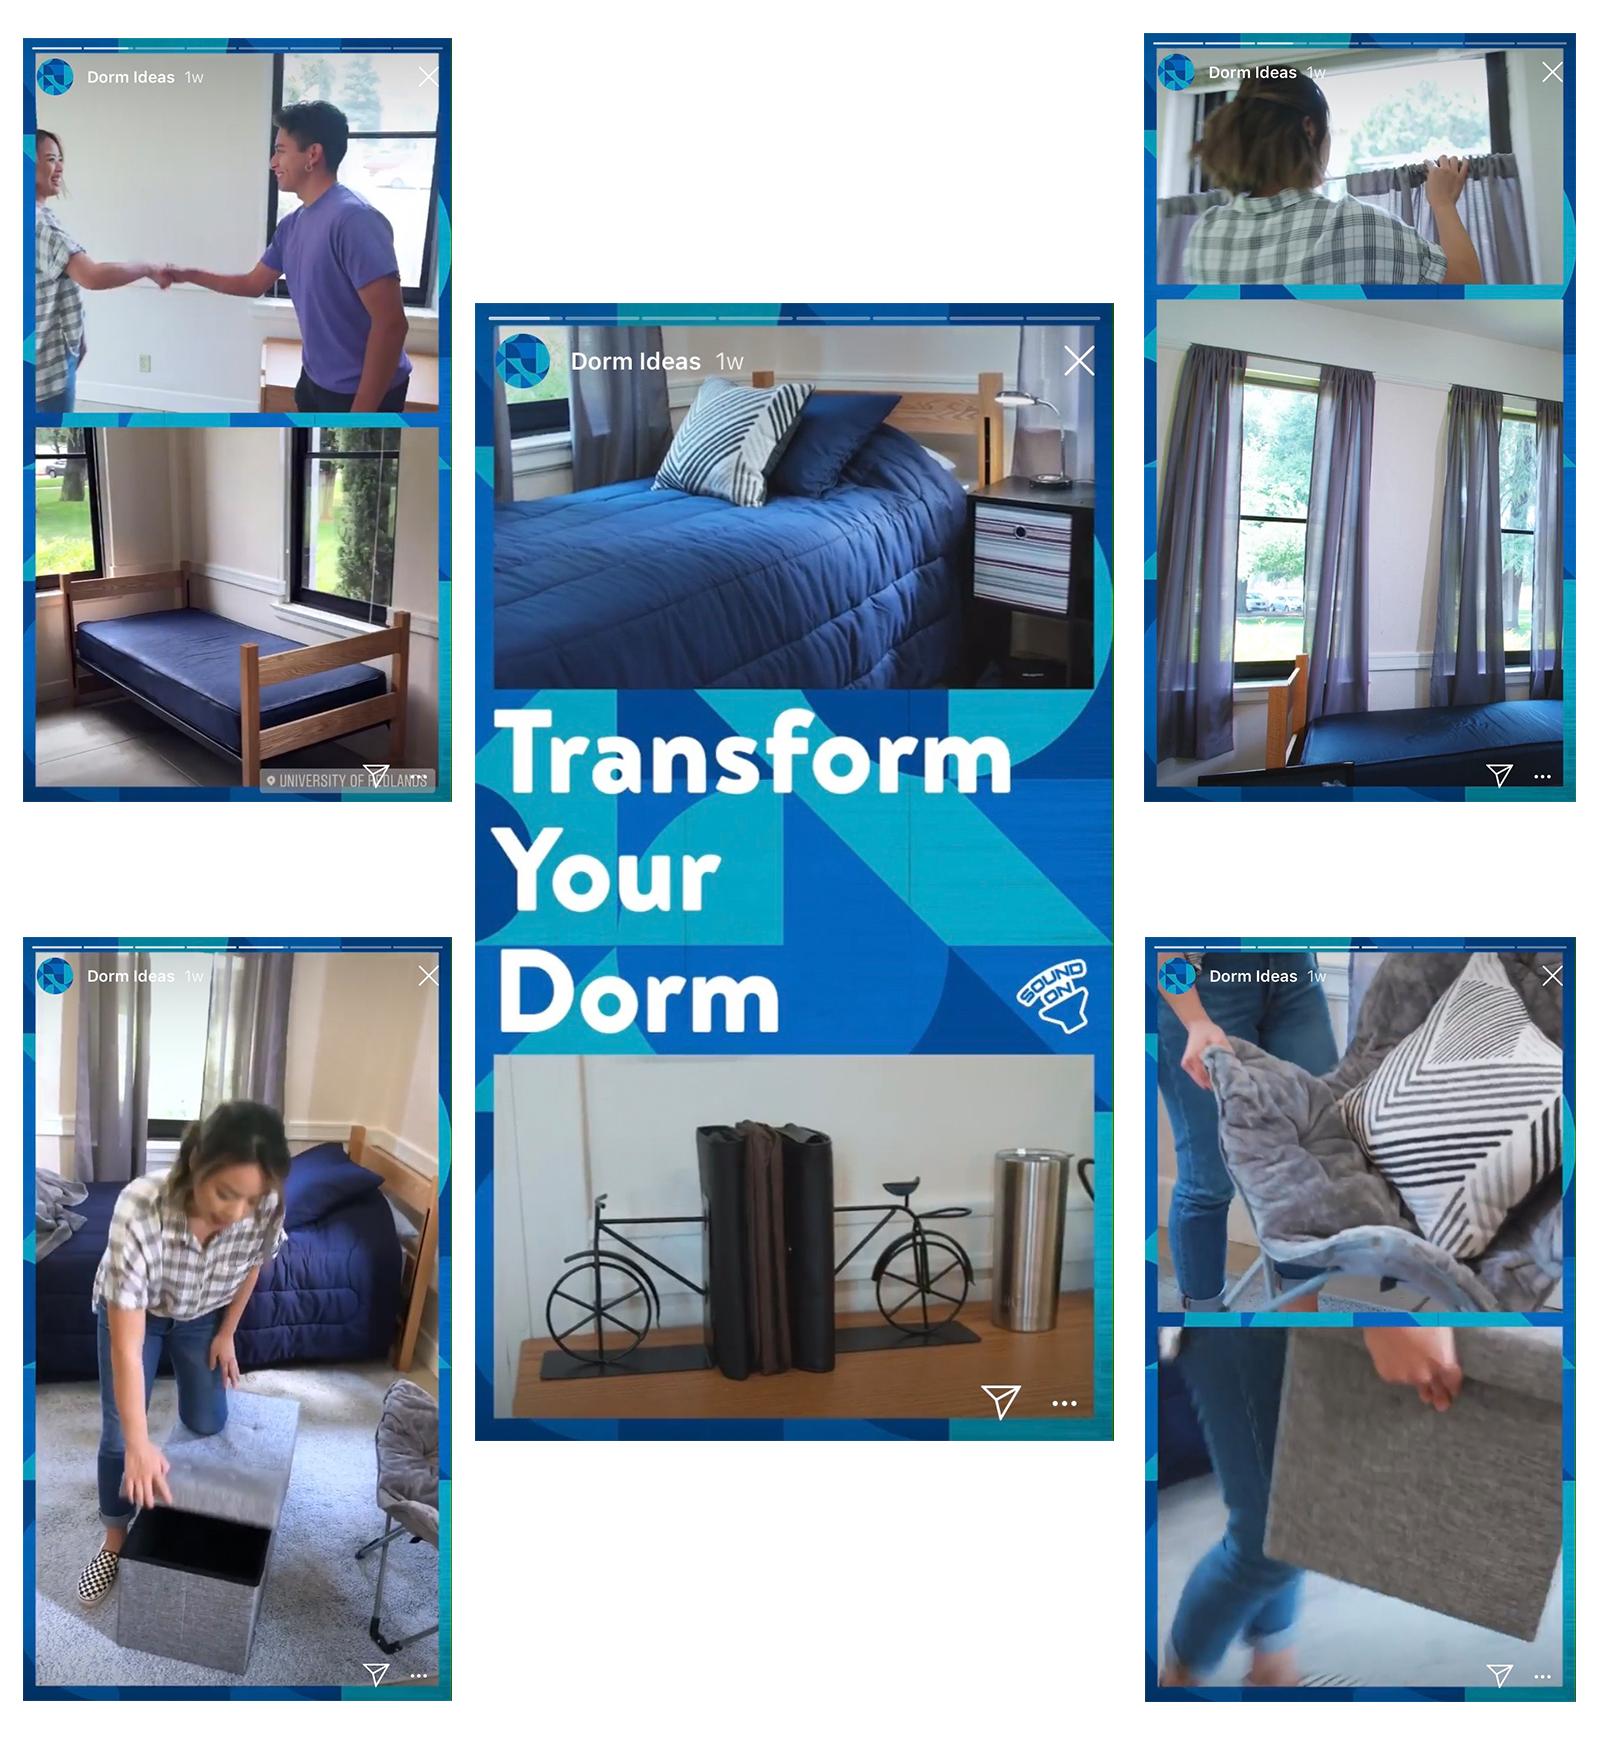 transform-your-dorm-walmart-instagram-stories-collage